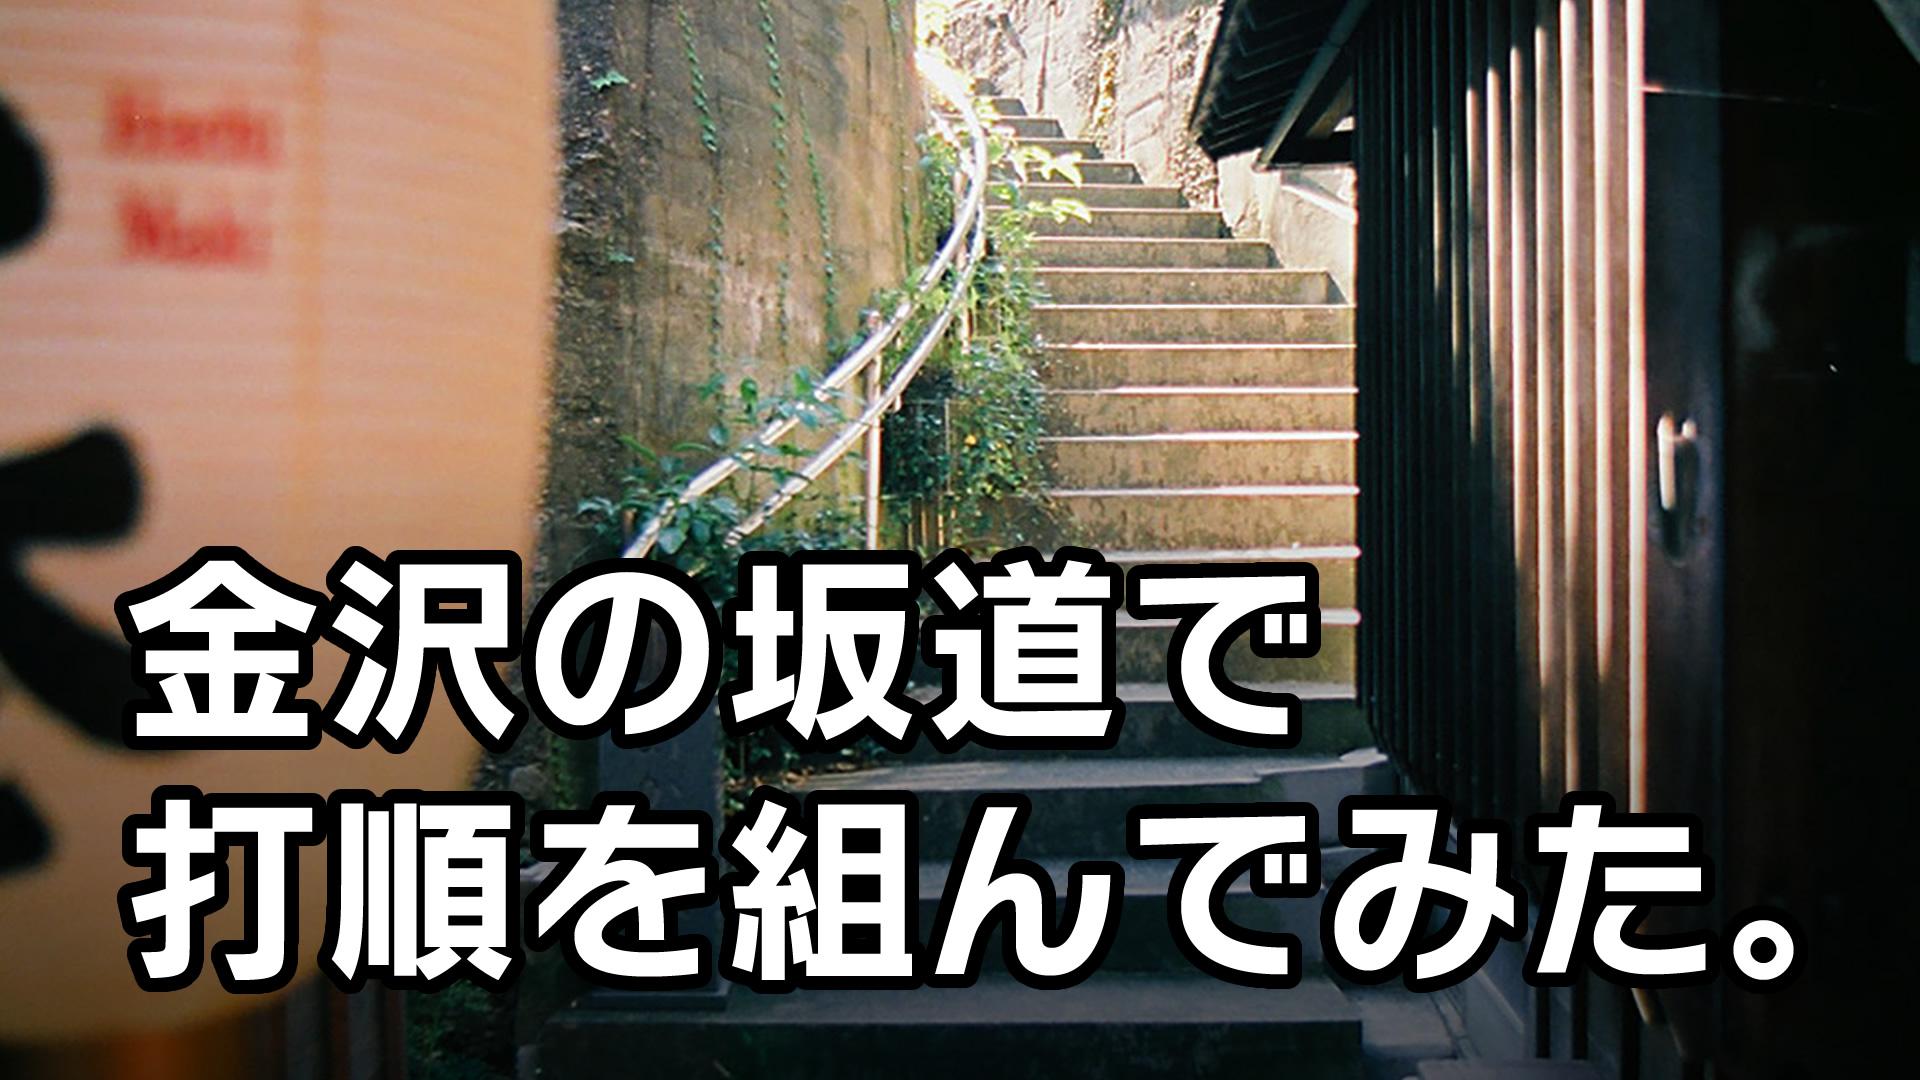 金沢の坂道で打順を組んでみた。 #004